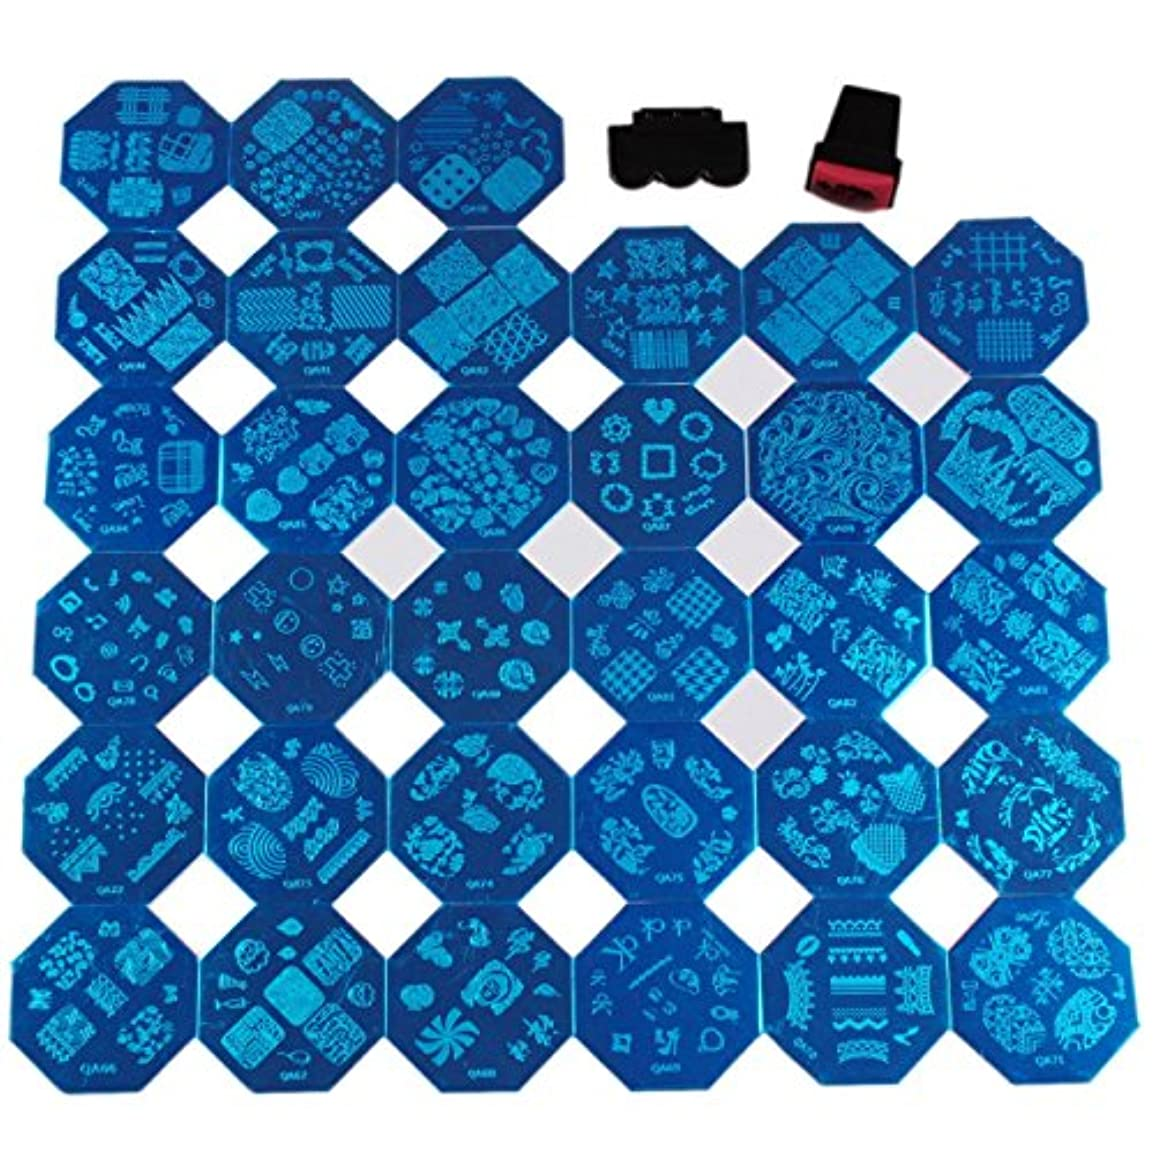 海賊放射する西FingerAngel ネイルイメージプレートセット 八角形ネイルプレート 33枚 スタンプ スクレーパー付き ネイルサロンも自宅も適用なネイルプレート 初心者に簡単に仕上がるネイルアート